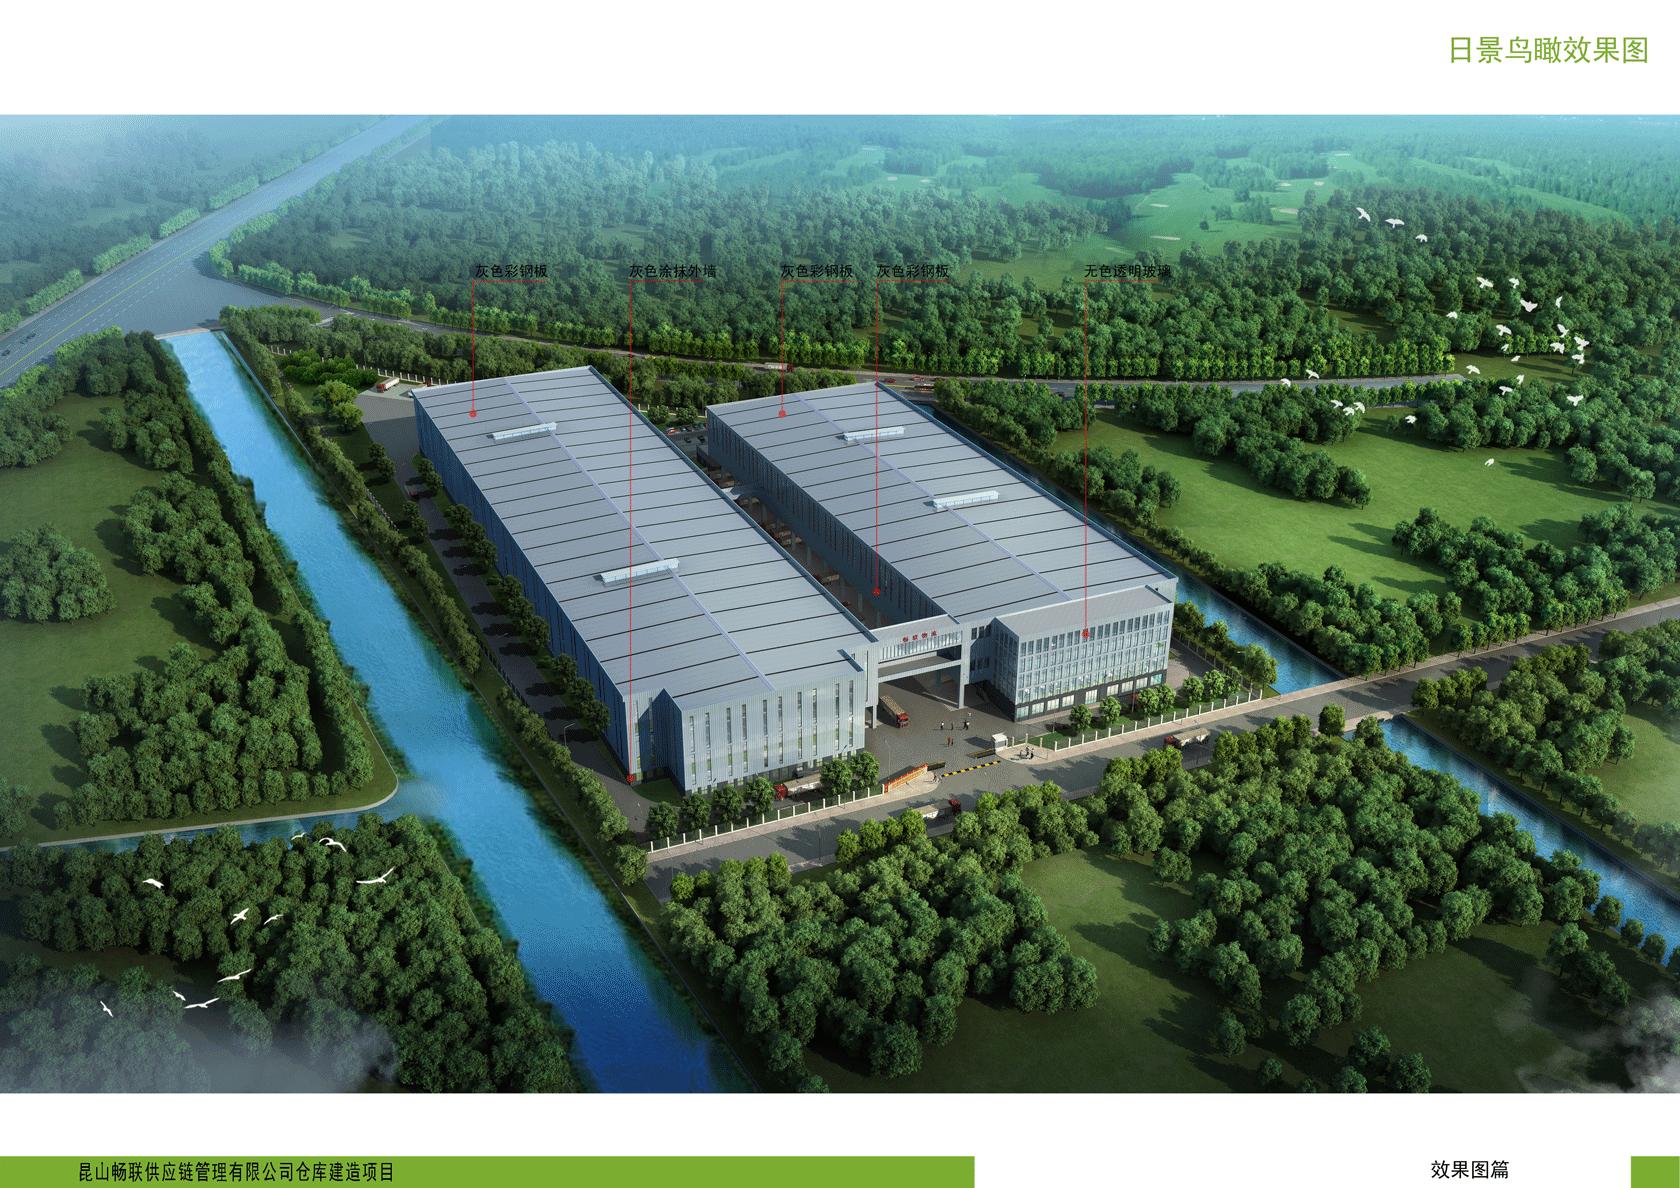 昆山暢聯供應鏈管理有限公司倉庫建造項目